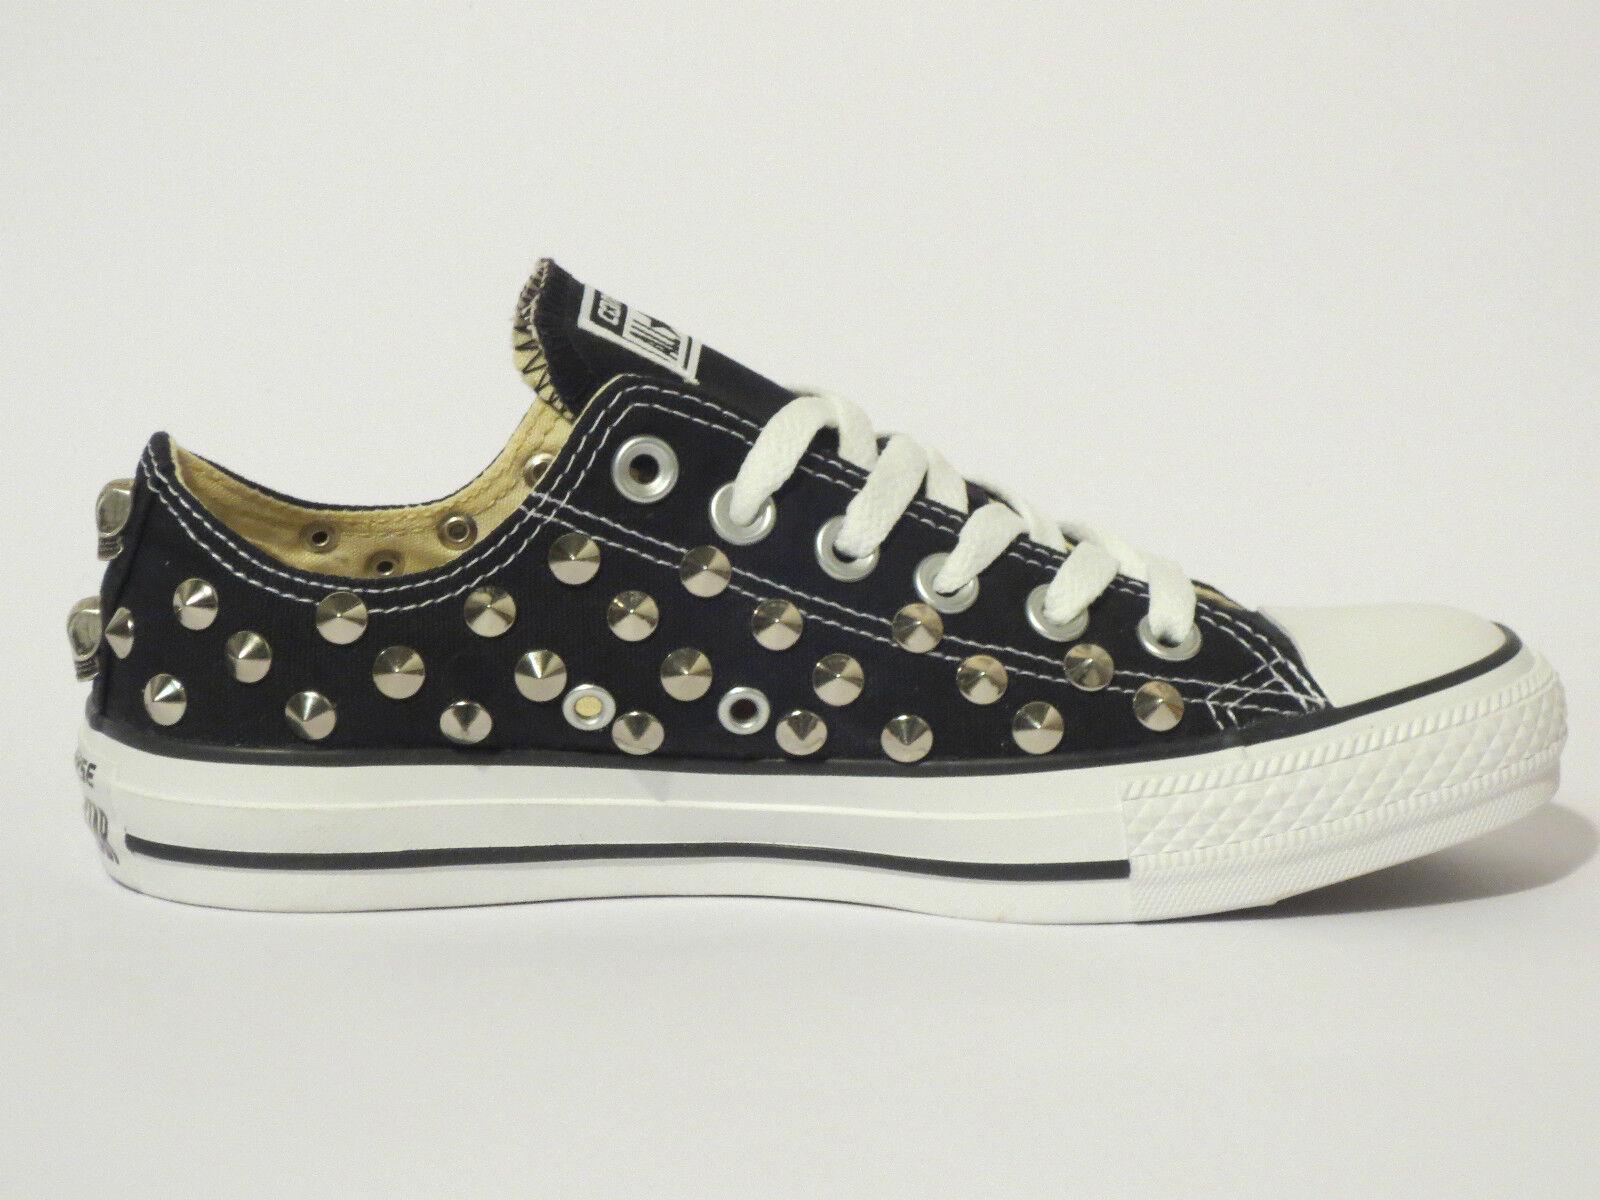 Converse scarpe all star OX  borchie teschi  scarpe Converse donna uomo NERO artigianali 7d43f8